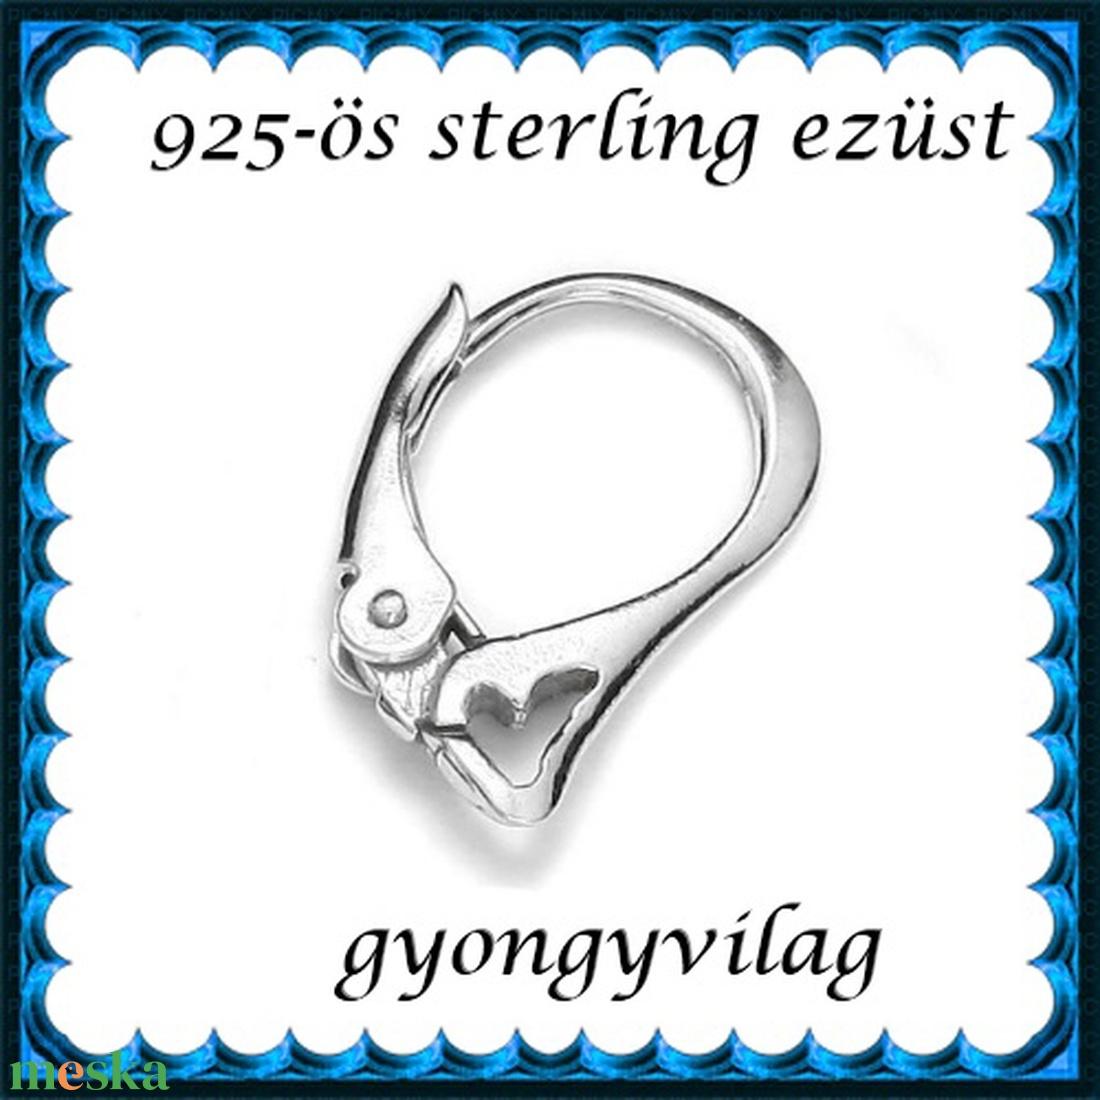 925-ös sterling ezüst ékszerkellék: fülbevalóalap biztonsági kapoccsal EFK K 28 - gyöngy, ékszerkellék - egyéb alkatrész - Meska.hu